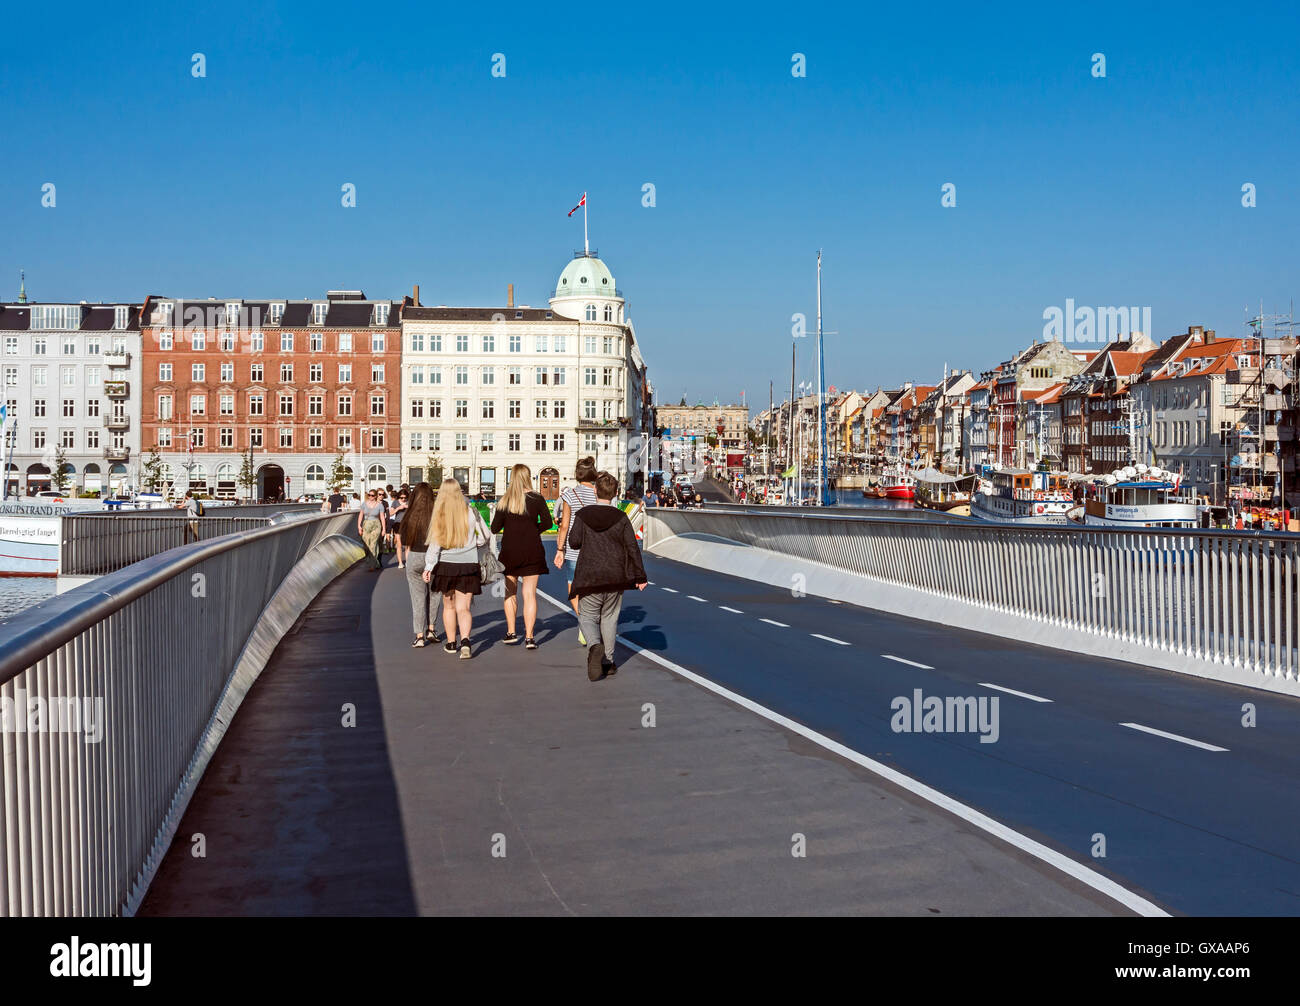 New pedestrian and bicycle bridge Inderhavnsbroen connecting Kongens Nytorv and Christianshavn via Nyhavn in Copenhagen - Stock Image